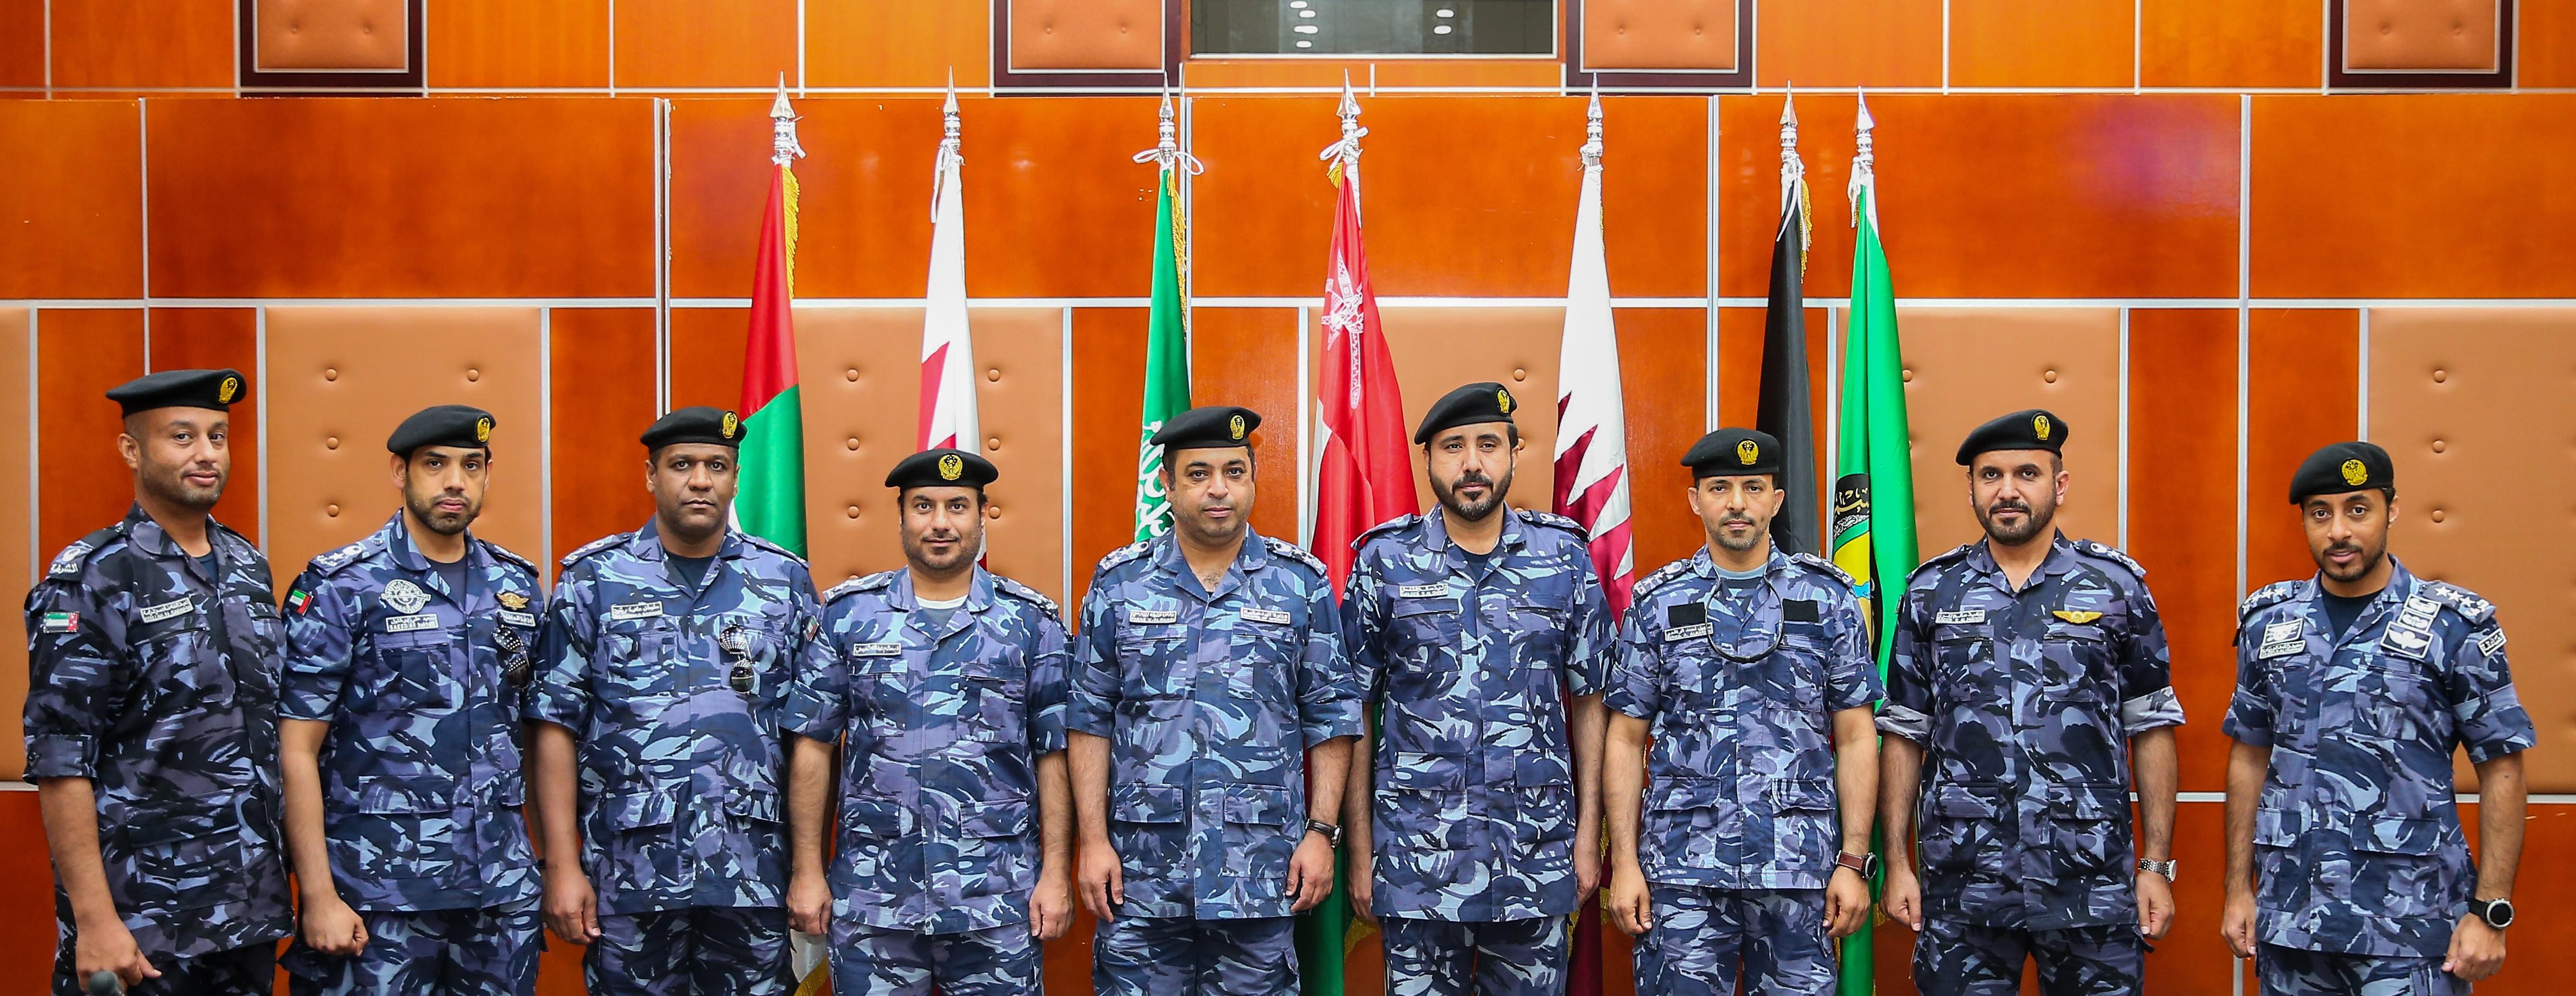 السعودية: دول الخليج قادرة على مواجهة التحديات الأمنية